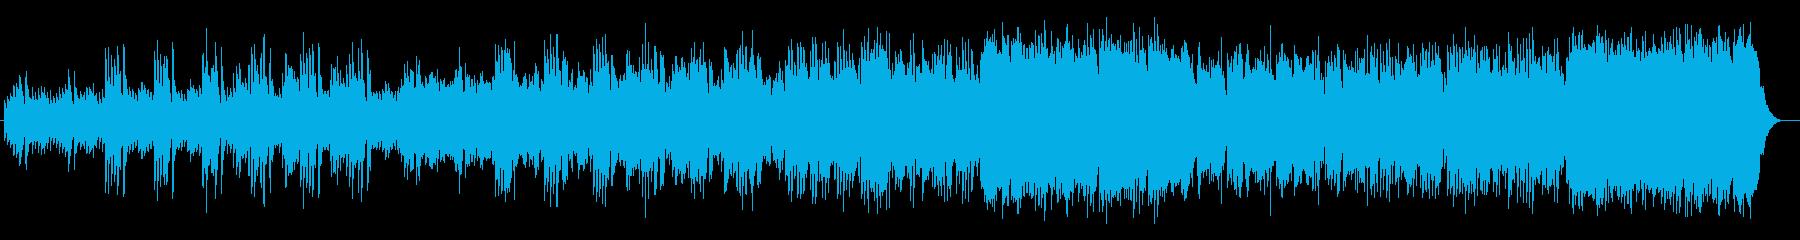 透き通るようなシンセ・金属楽器系サウンドの再生済みの波形